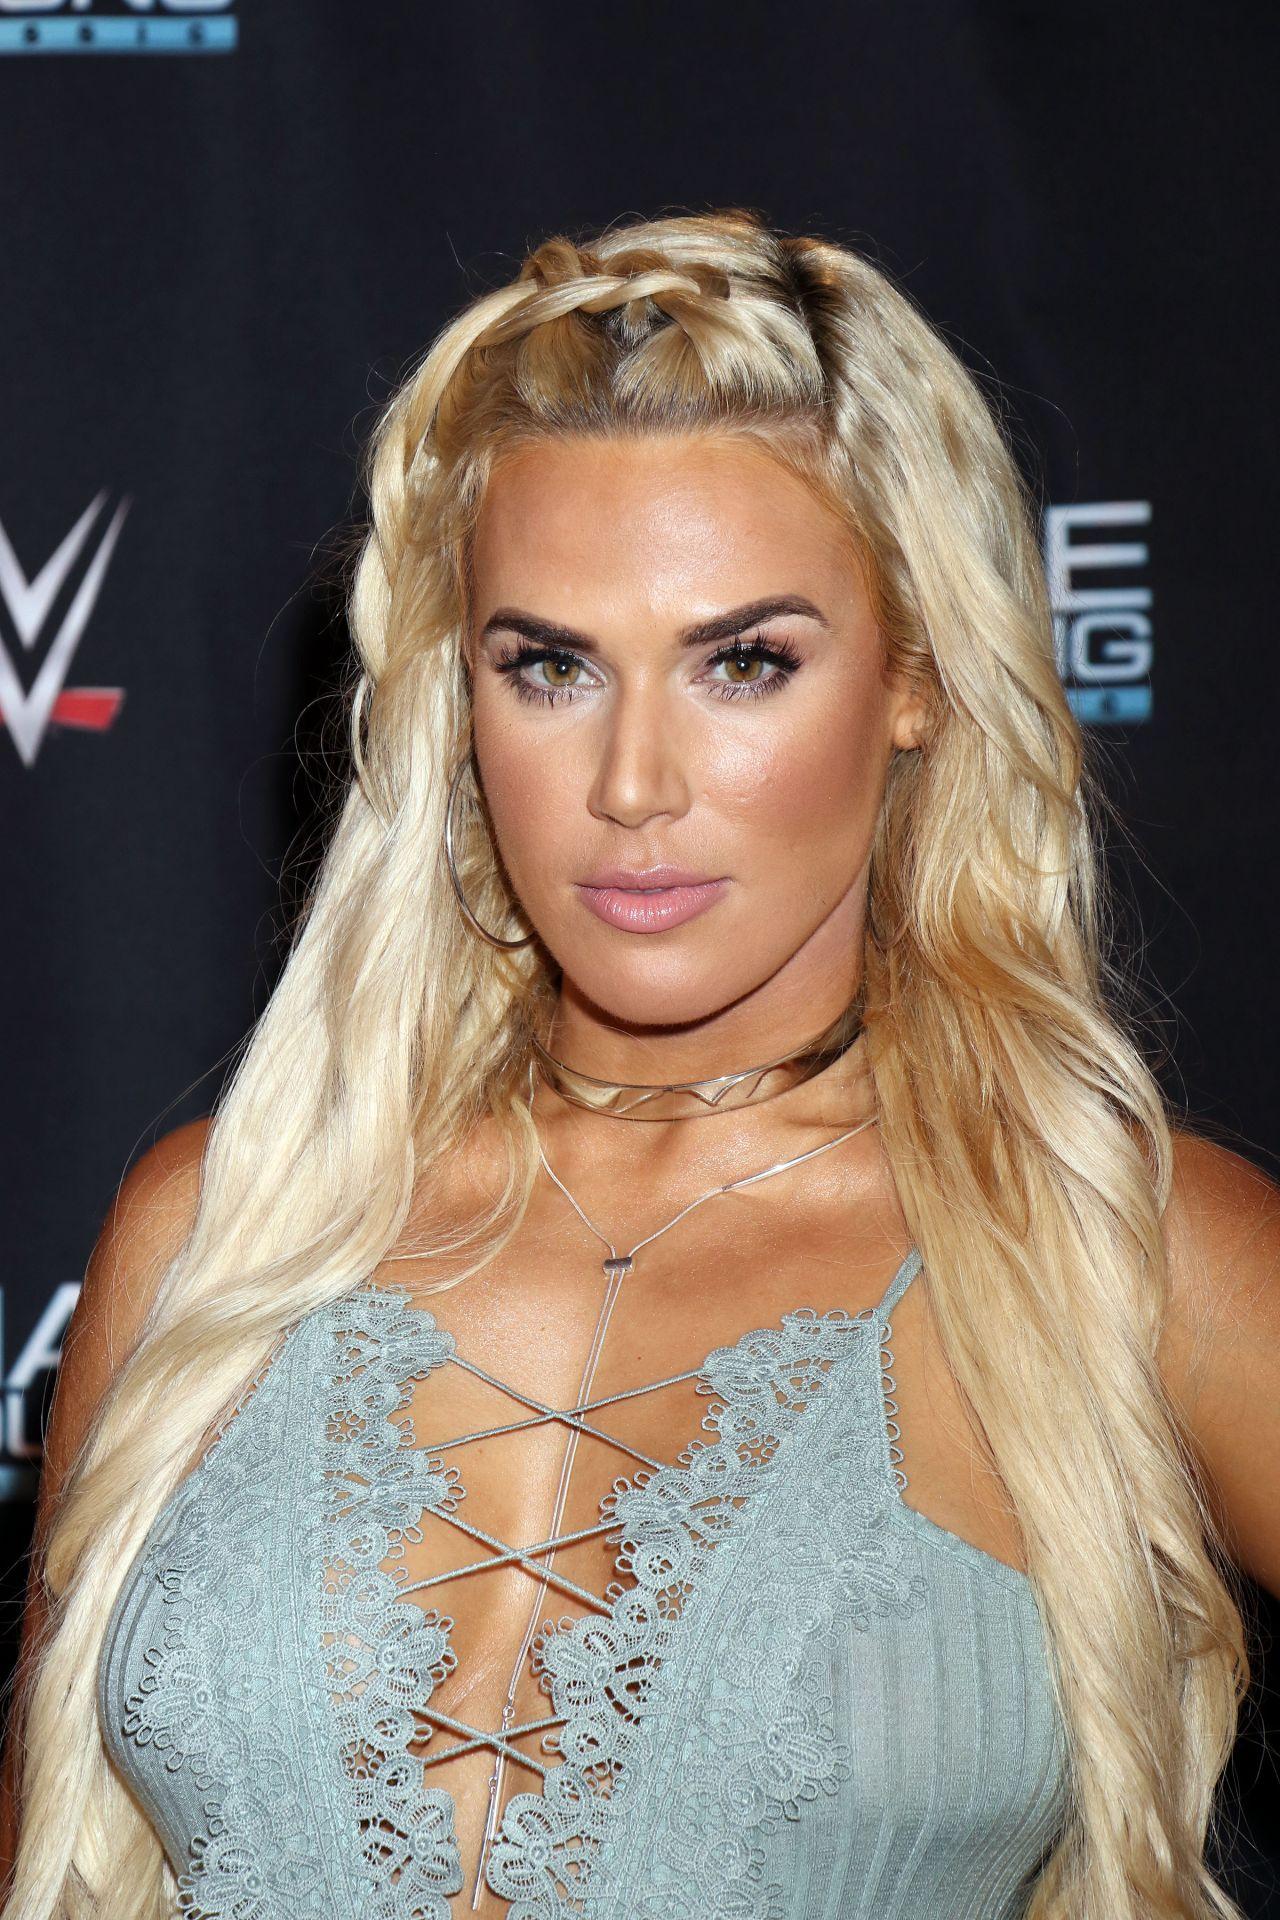 Young Lana WWE nude photos 2019